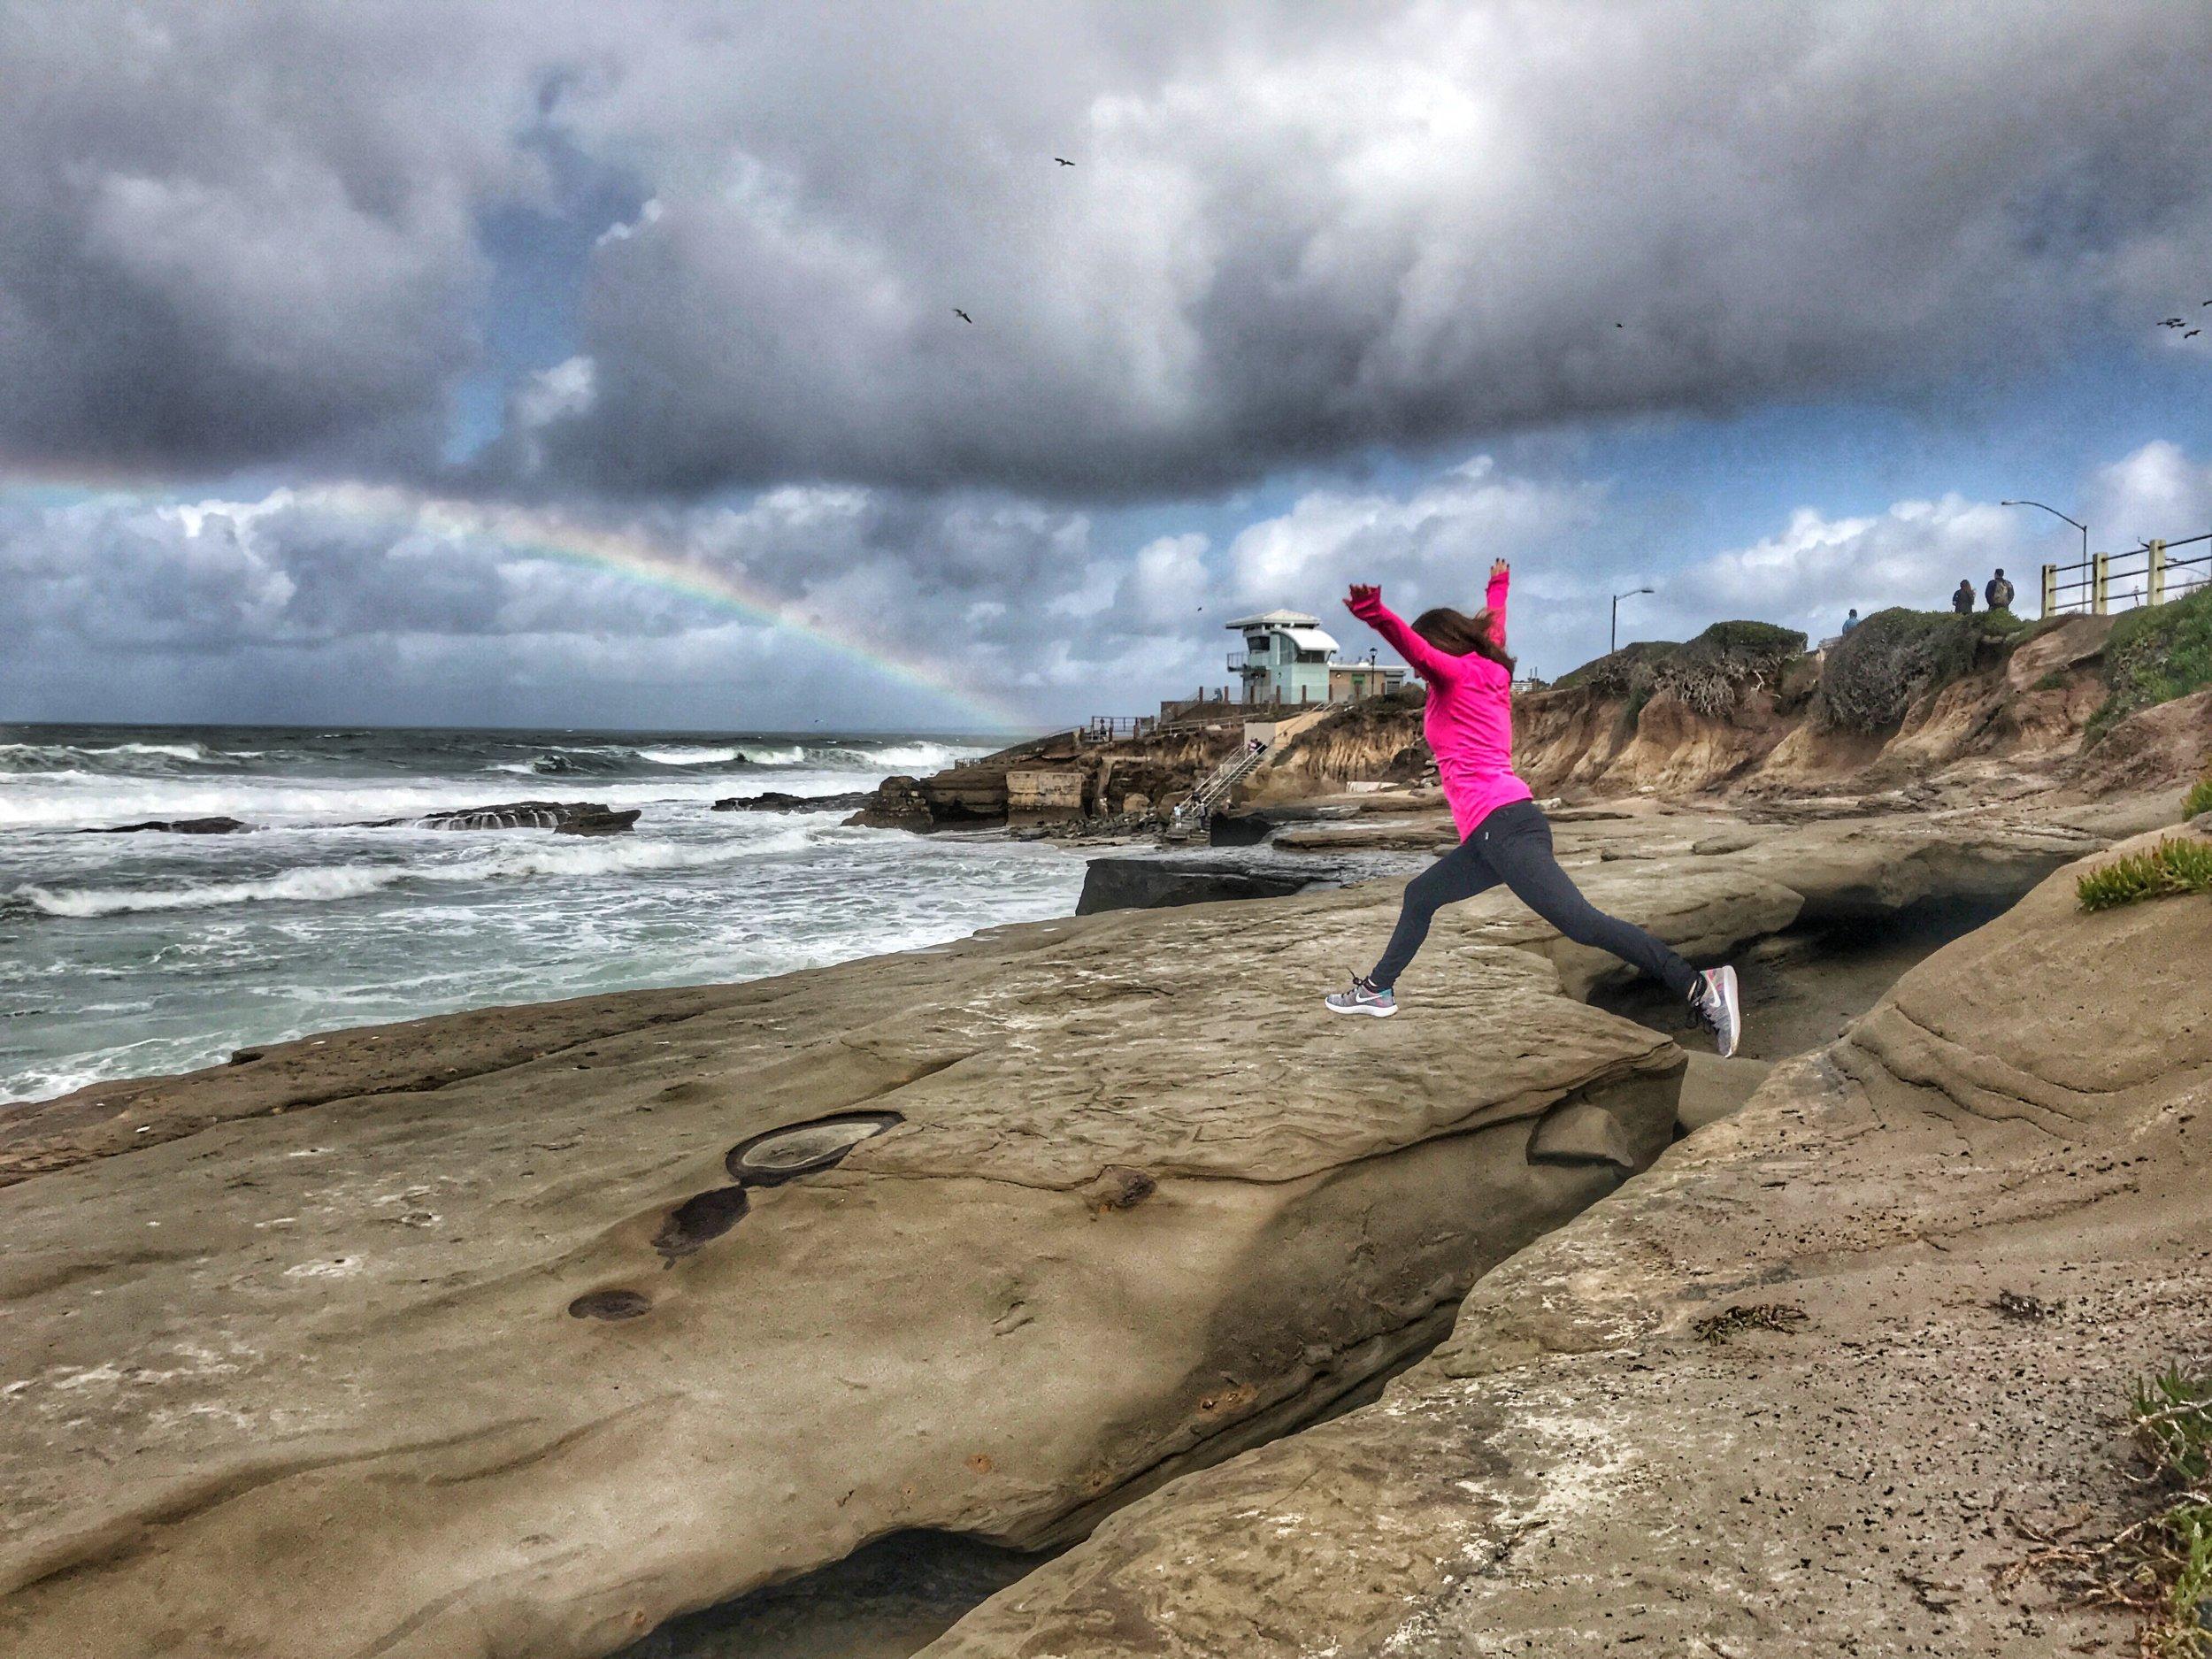 La Jolla Cove Rainbow